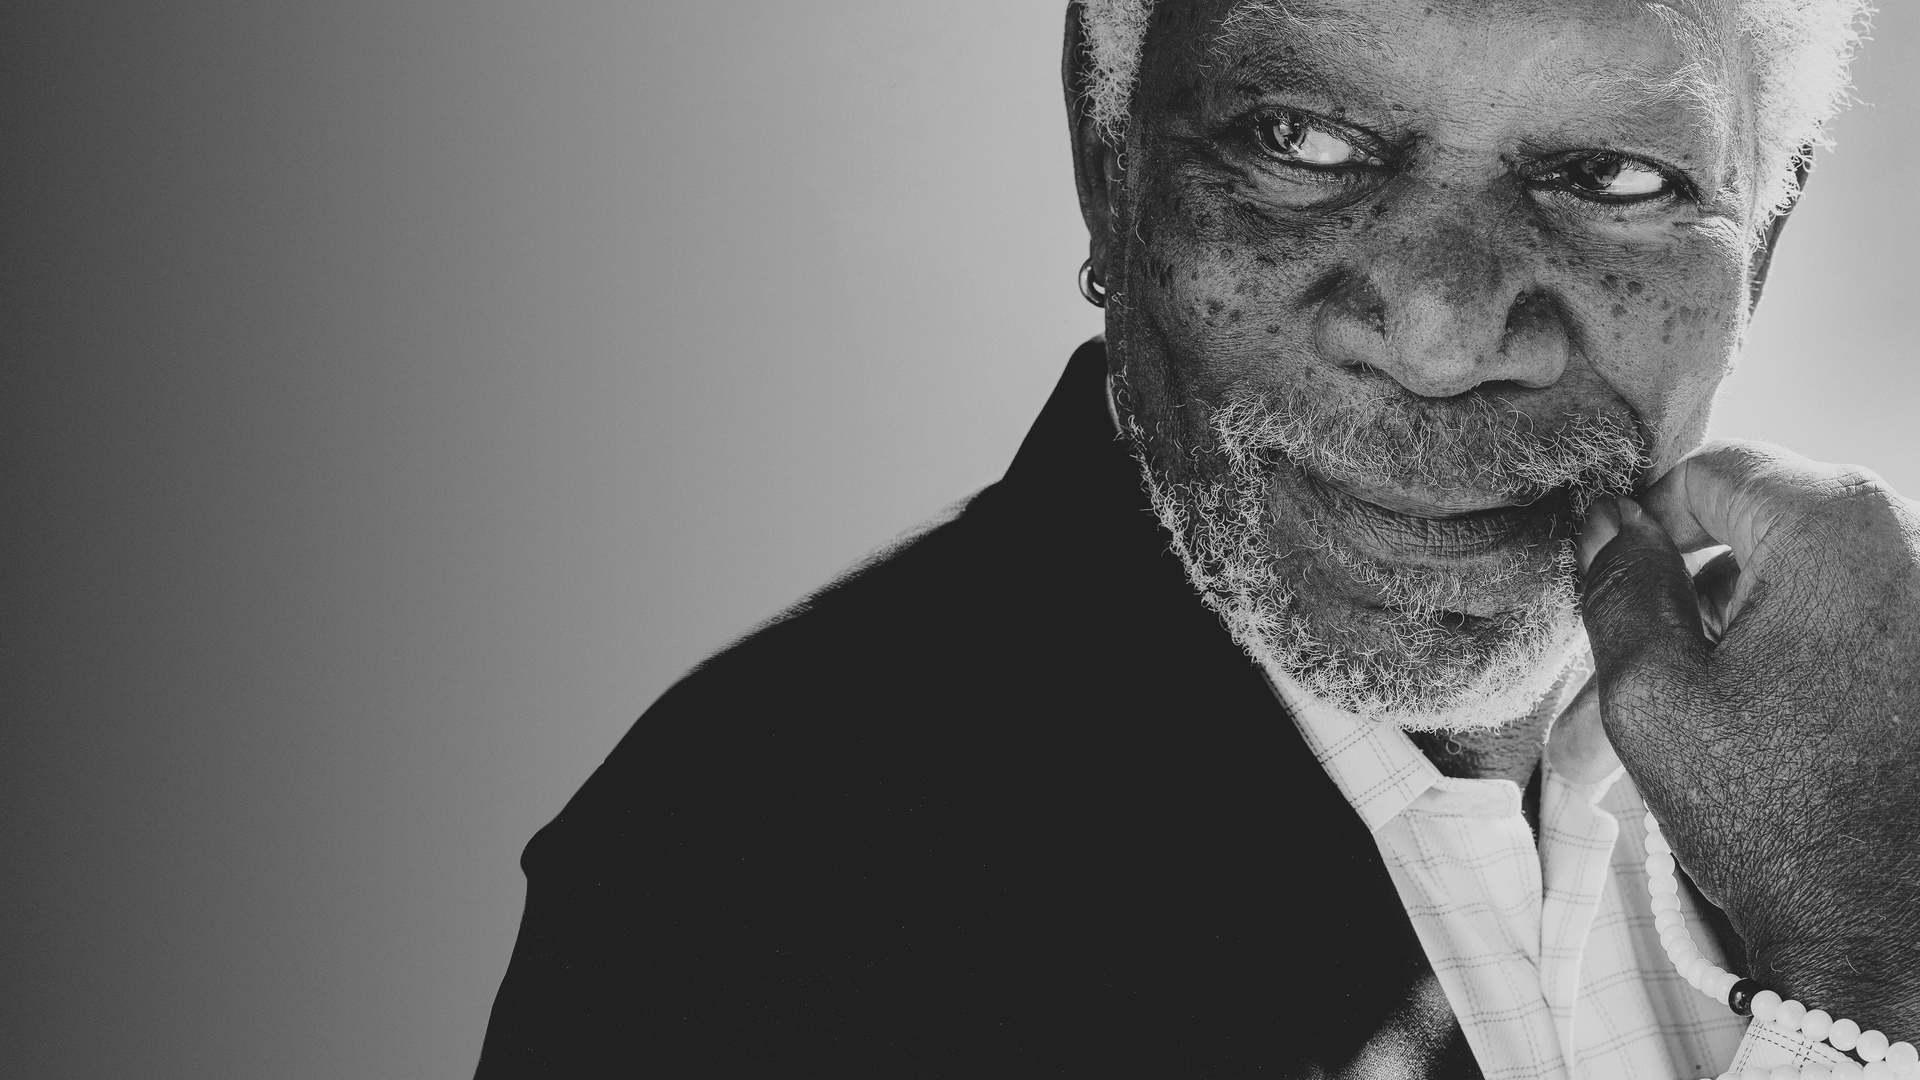 Кадры из фильма История о нас The Story of Us with Morgan Freeman 2017